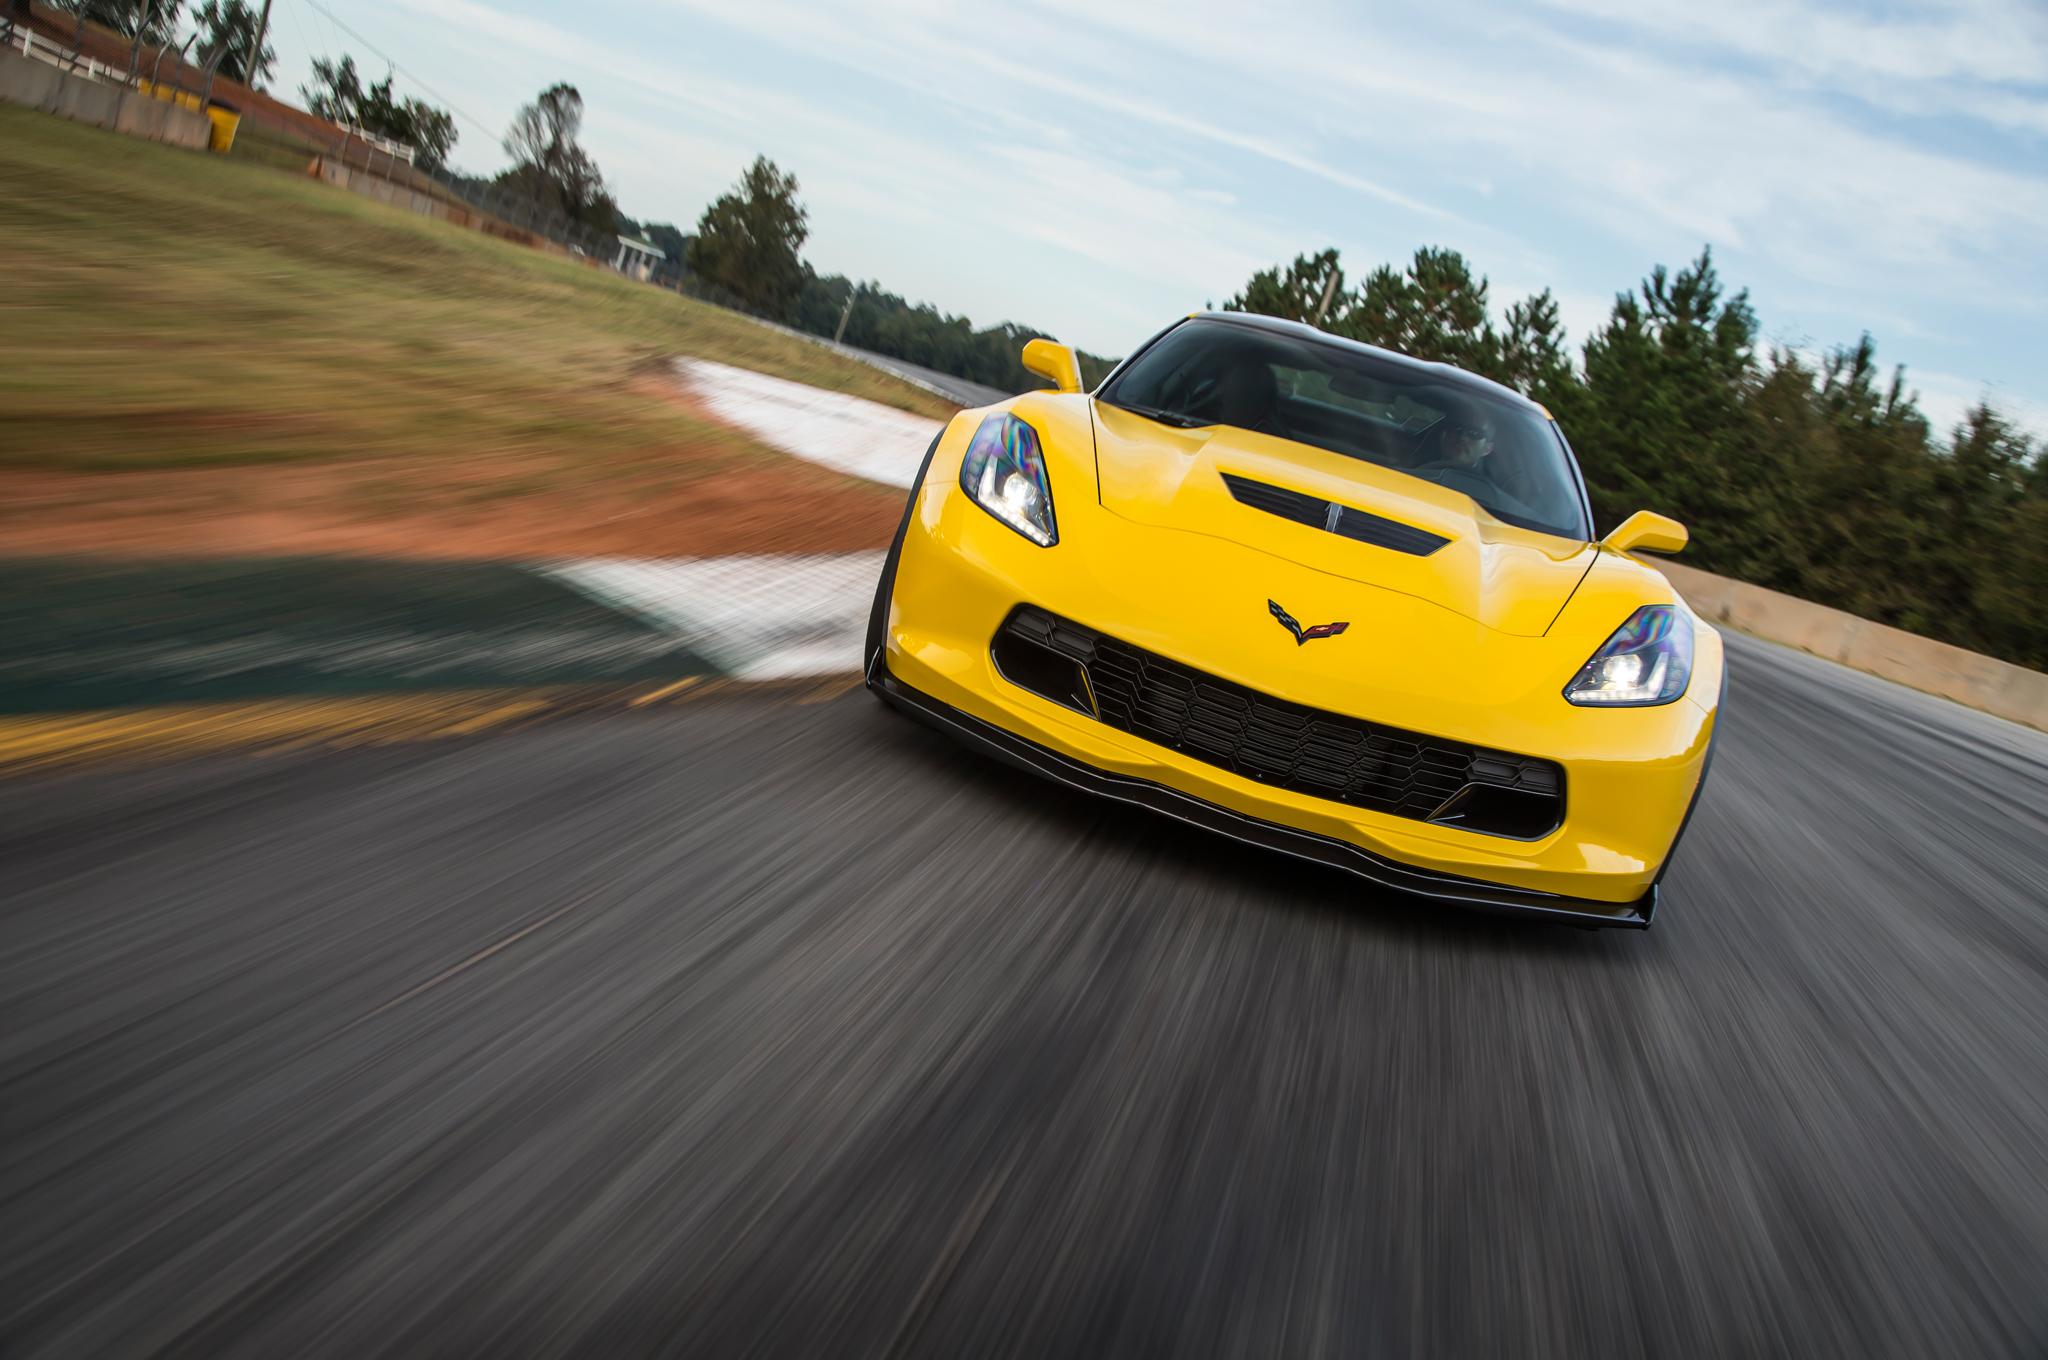 2015-chevrolet-corvette-z06-front-end-in-motion